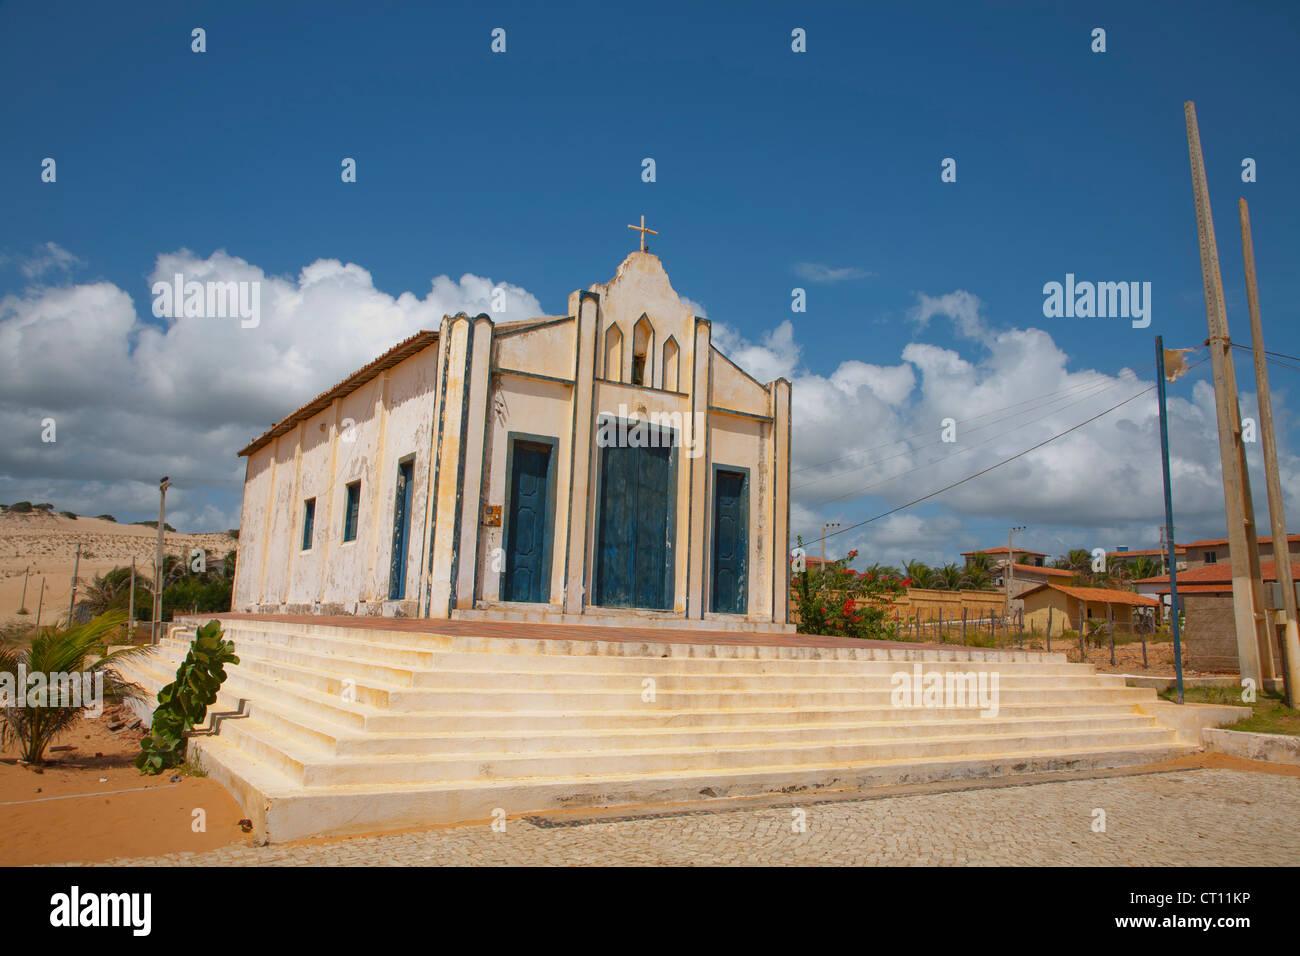 Chiesa nel deserto città Immagini Stock